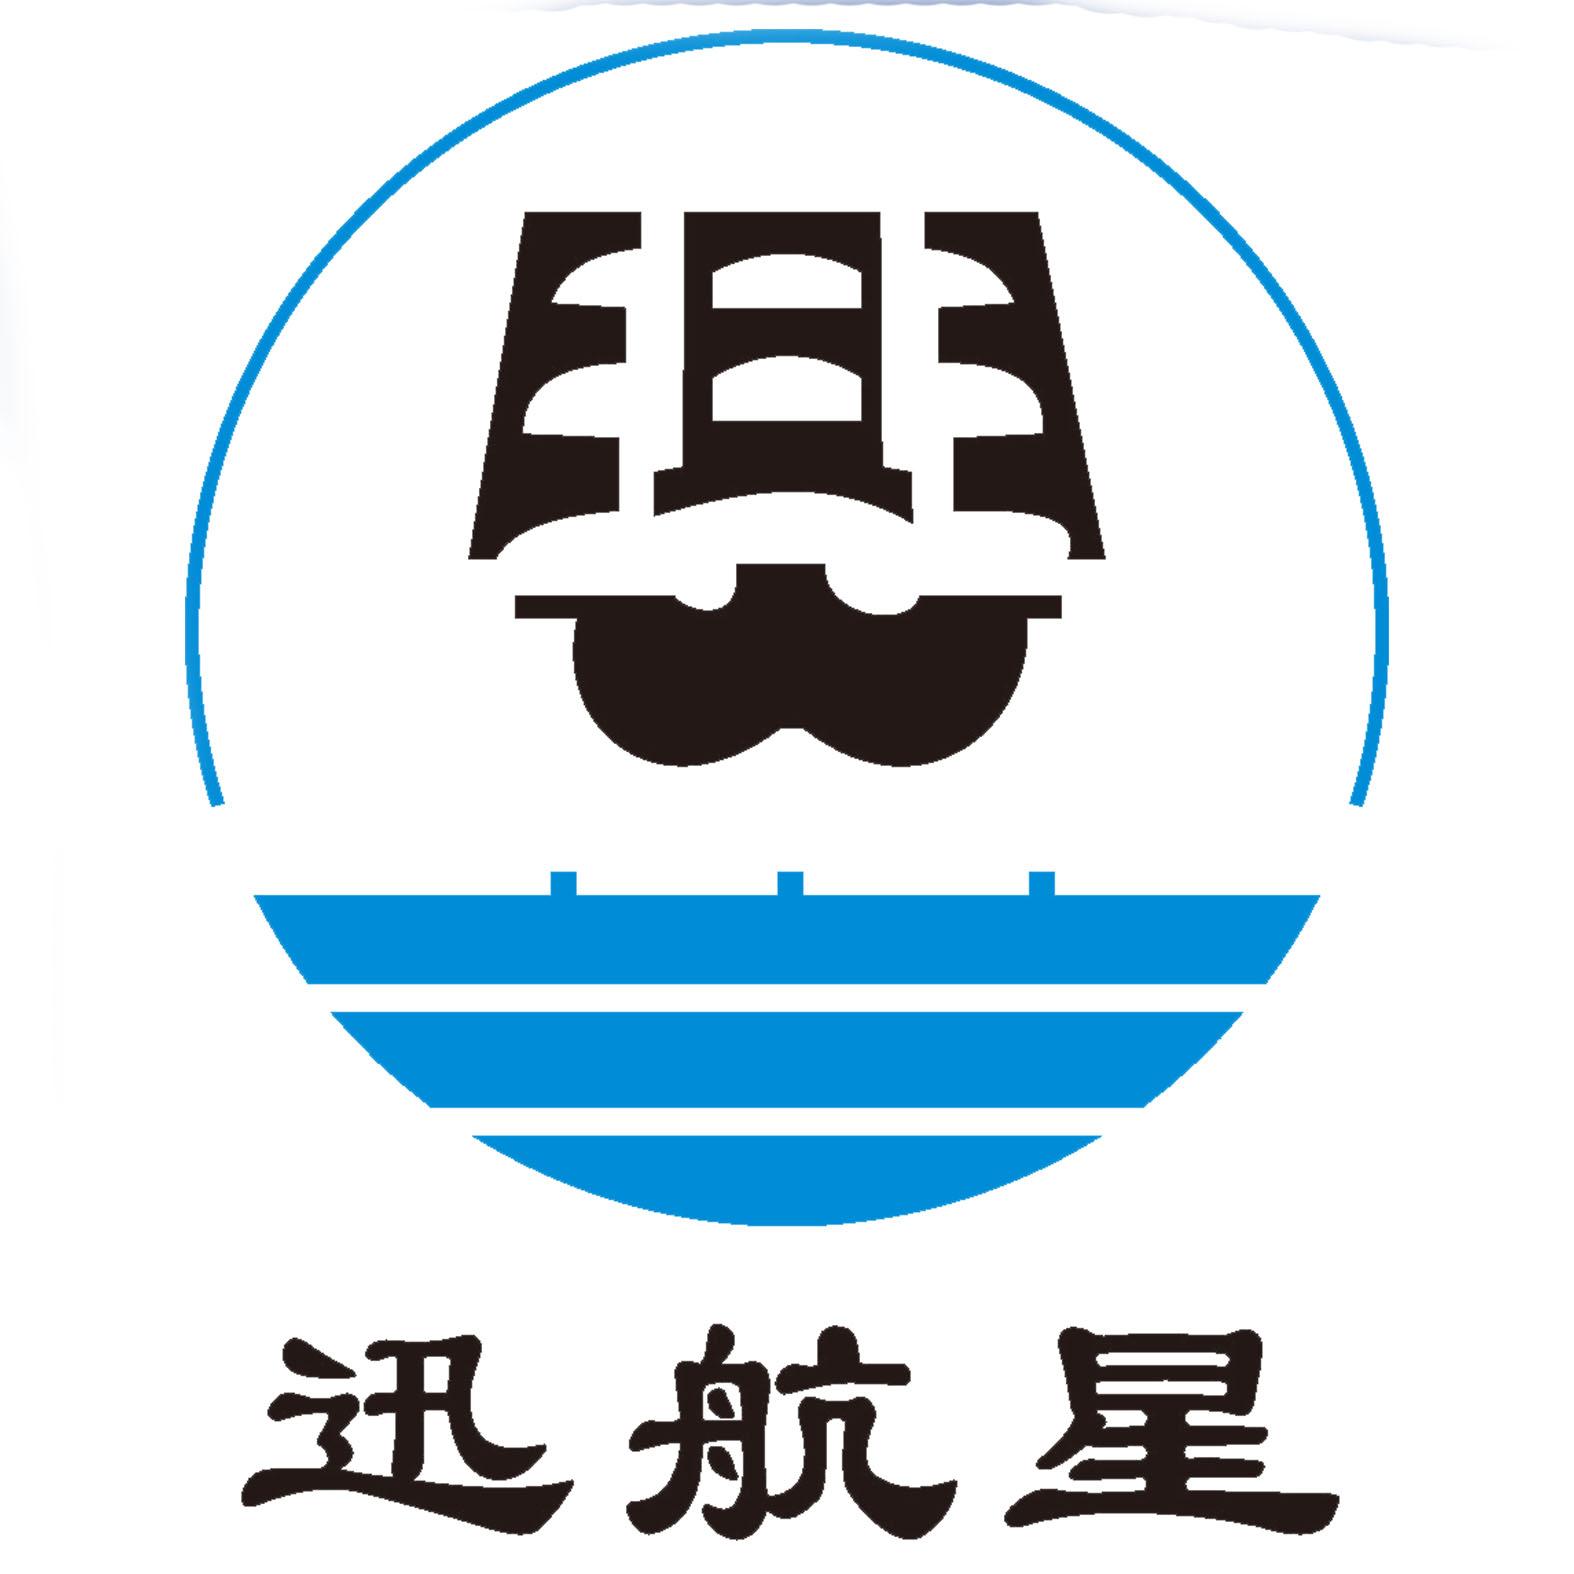 深圳市迅航星辰国际物流有限公司